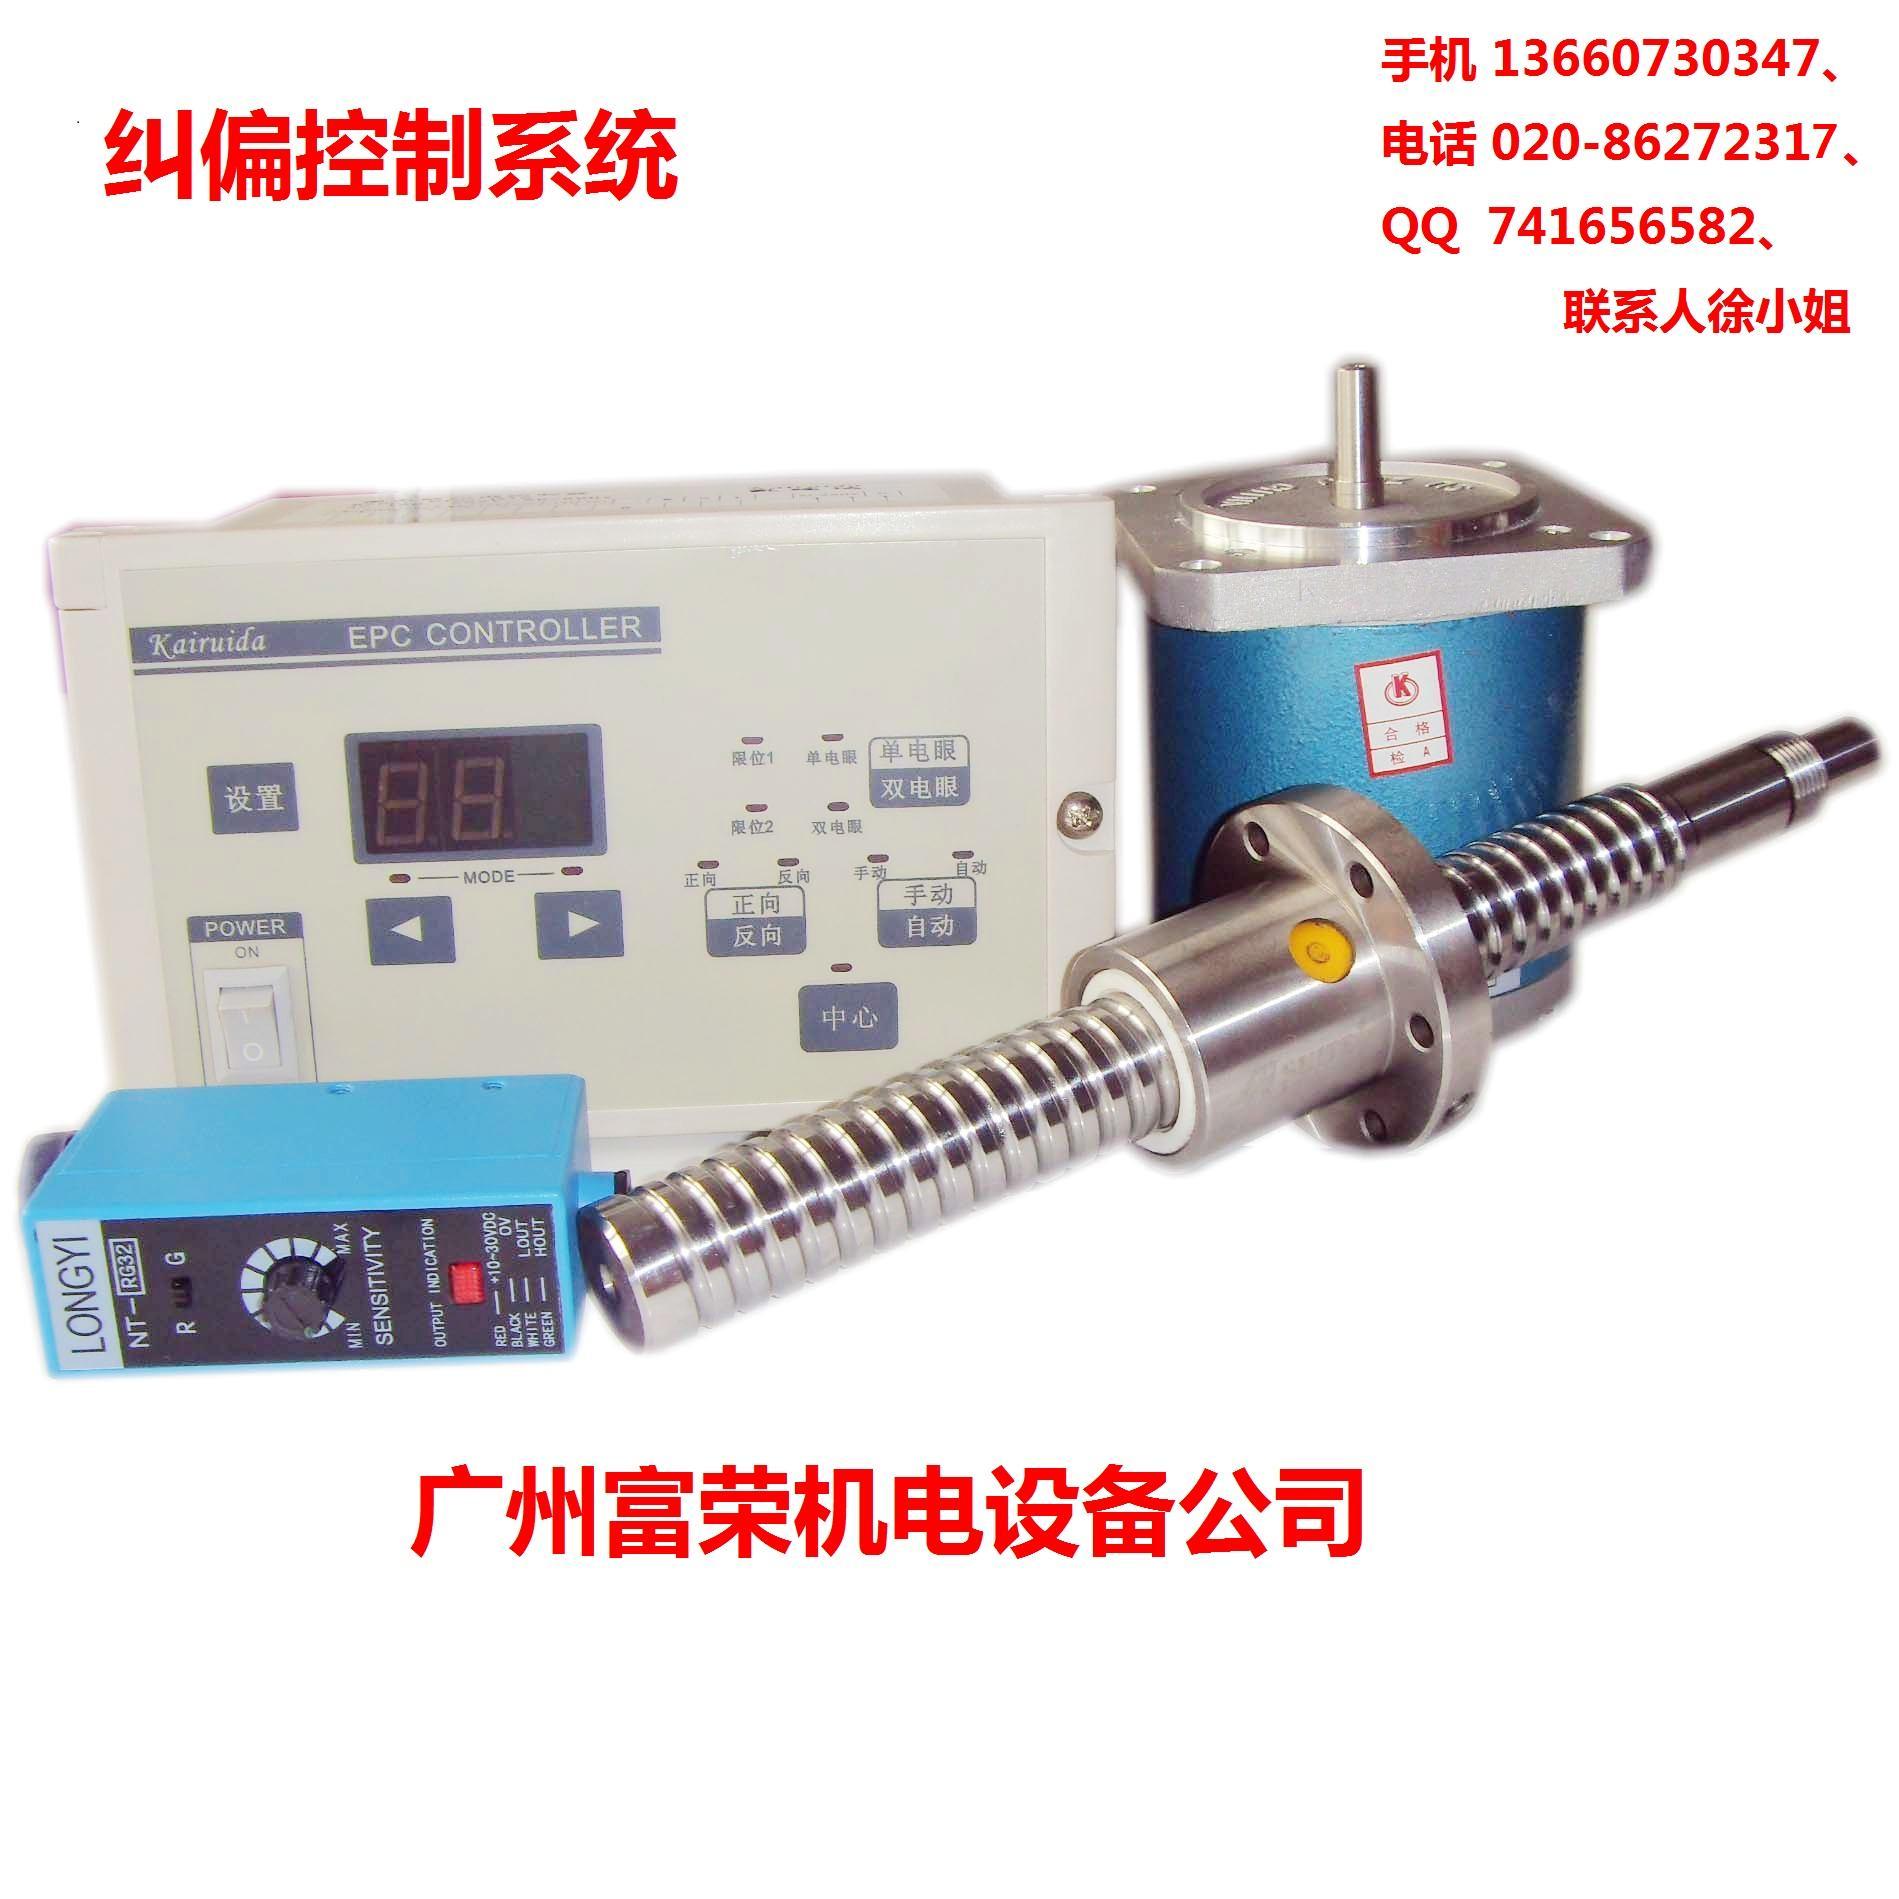 纠编控制器 EPC-D12,光电检测传感器,滚珠丝杆,同步电机